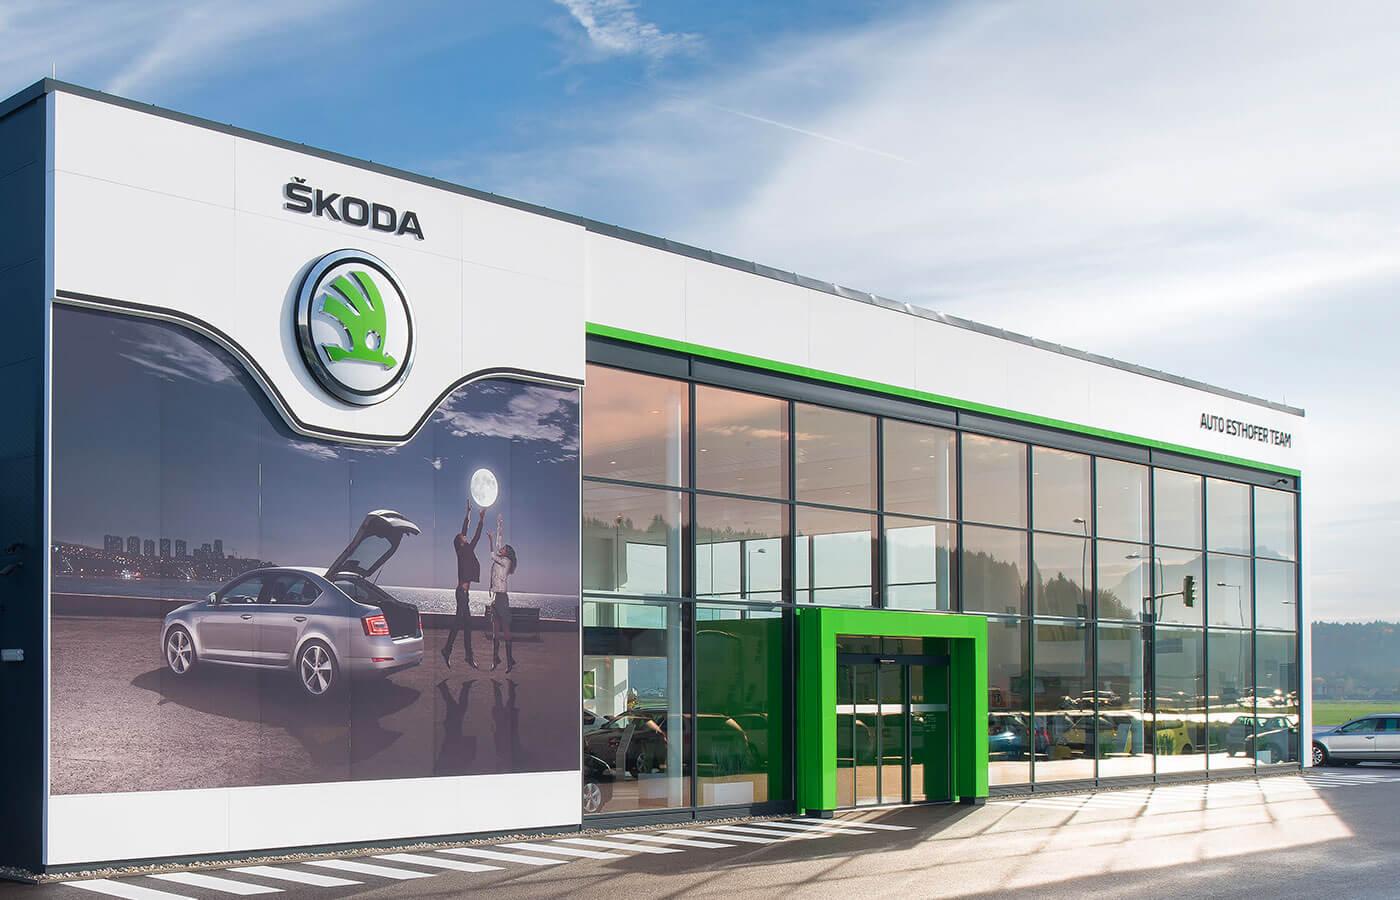 Skoda Spends Big On Dealer Rebuild